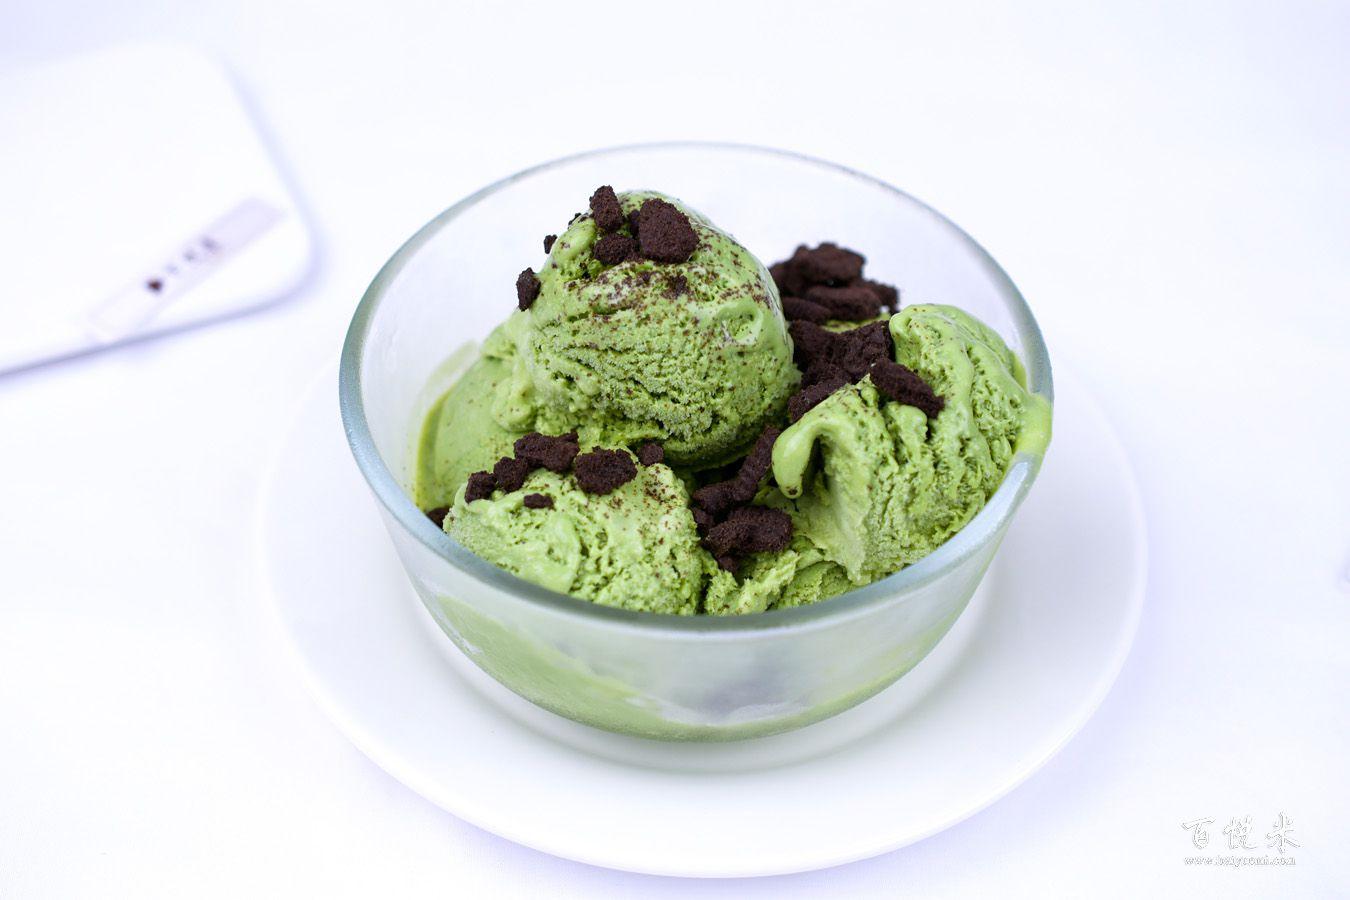 抹茶冰激凌的做法大全,抹茶冰激凌西点培训图文教程分享